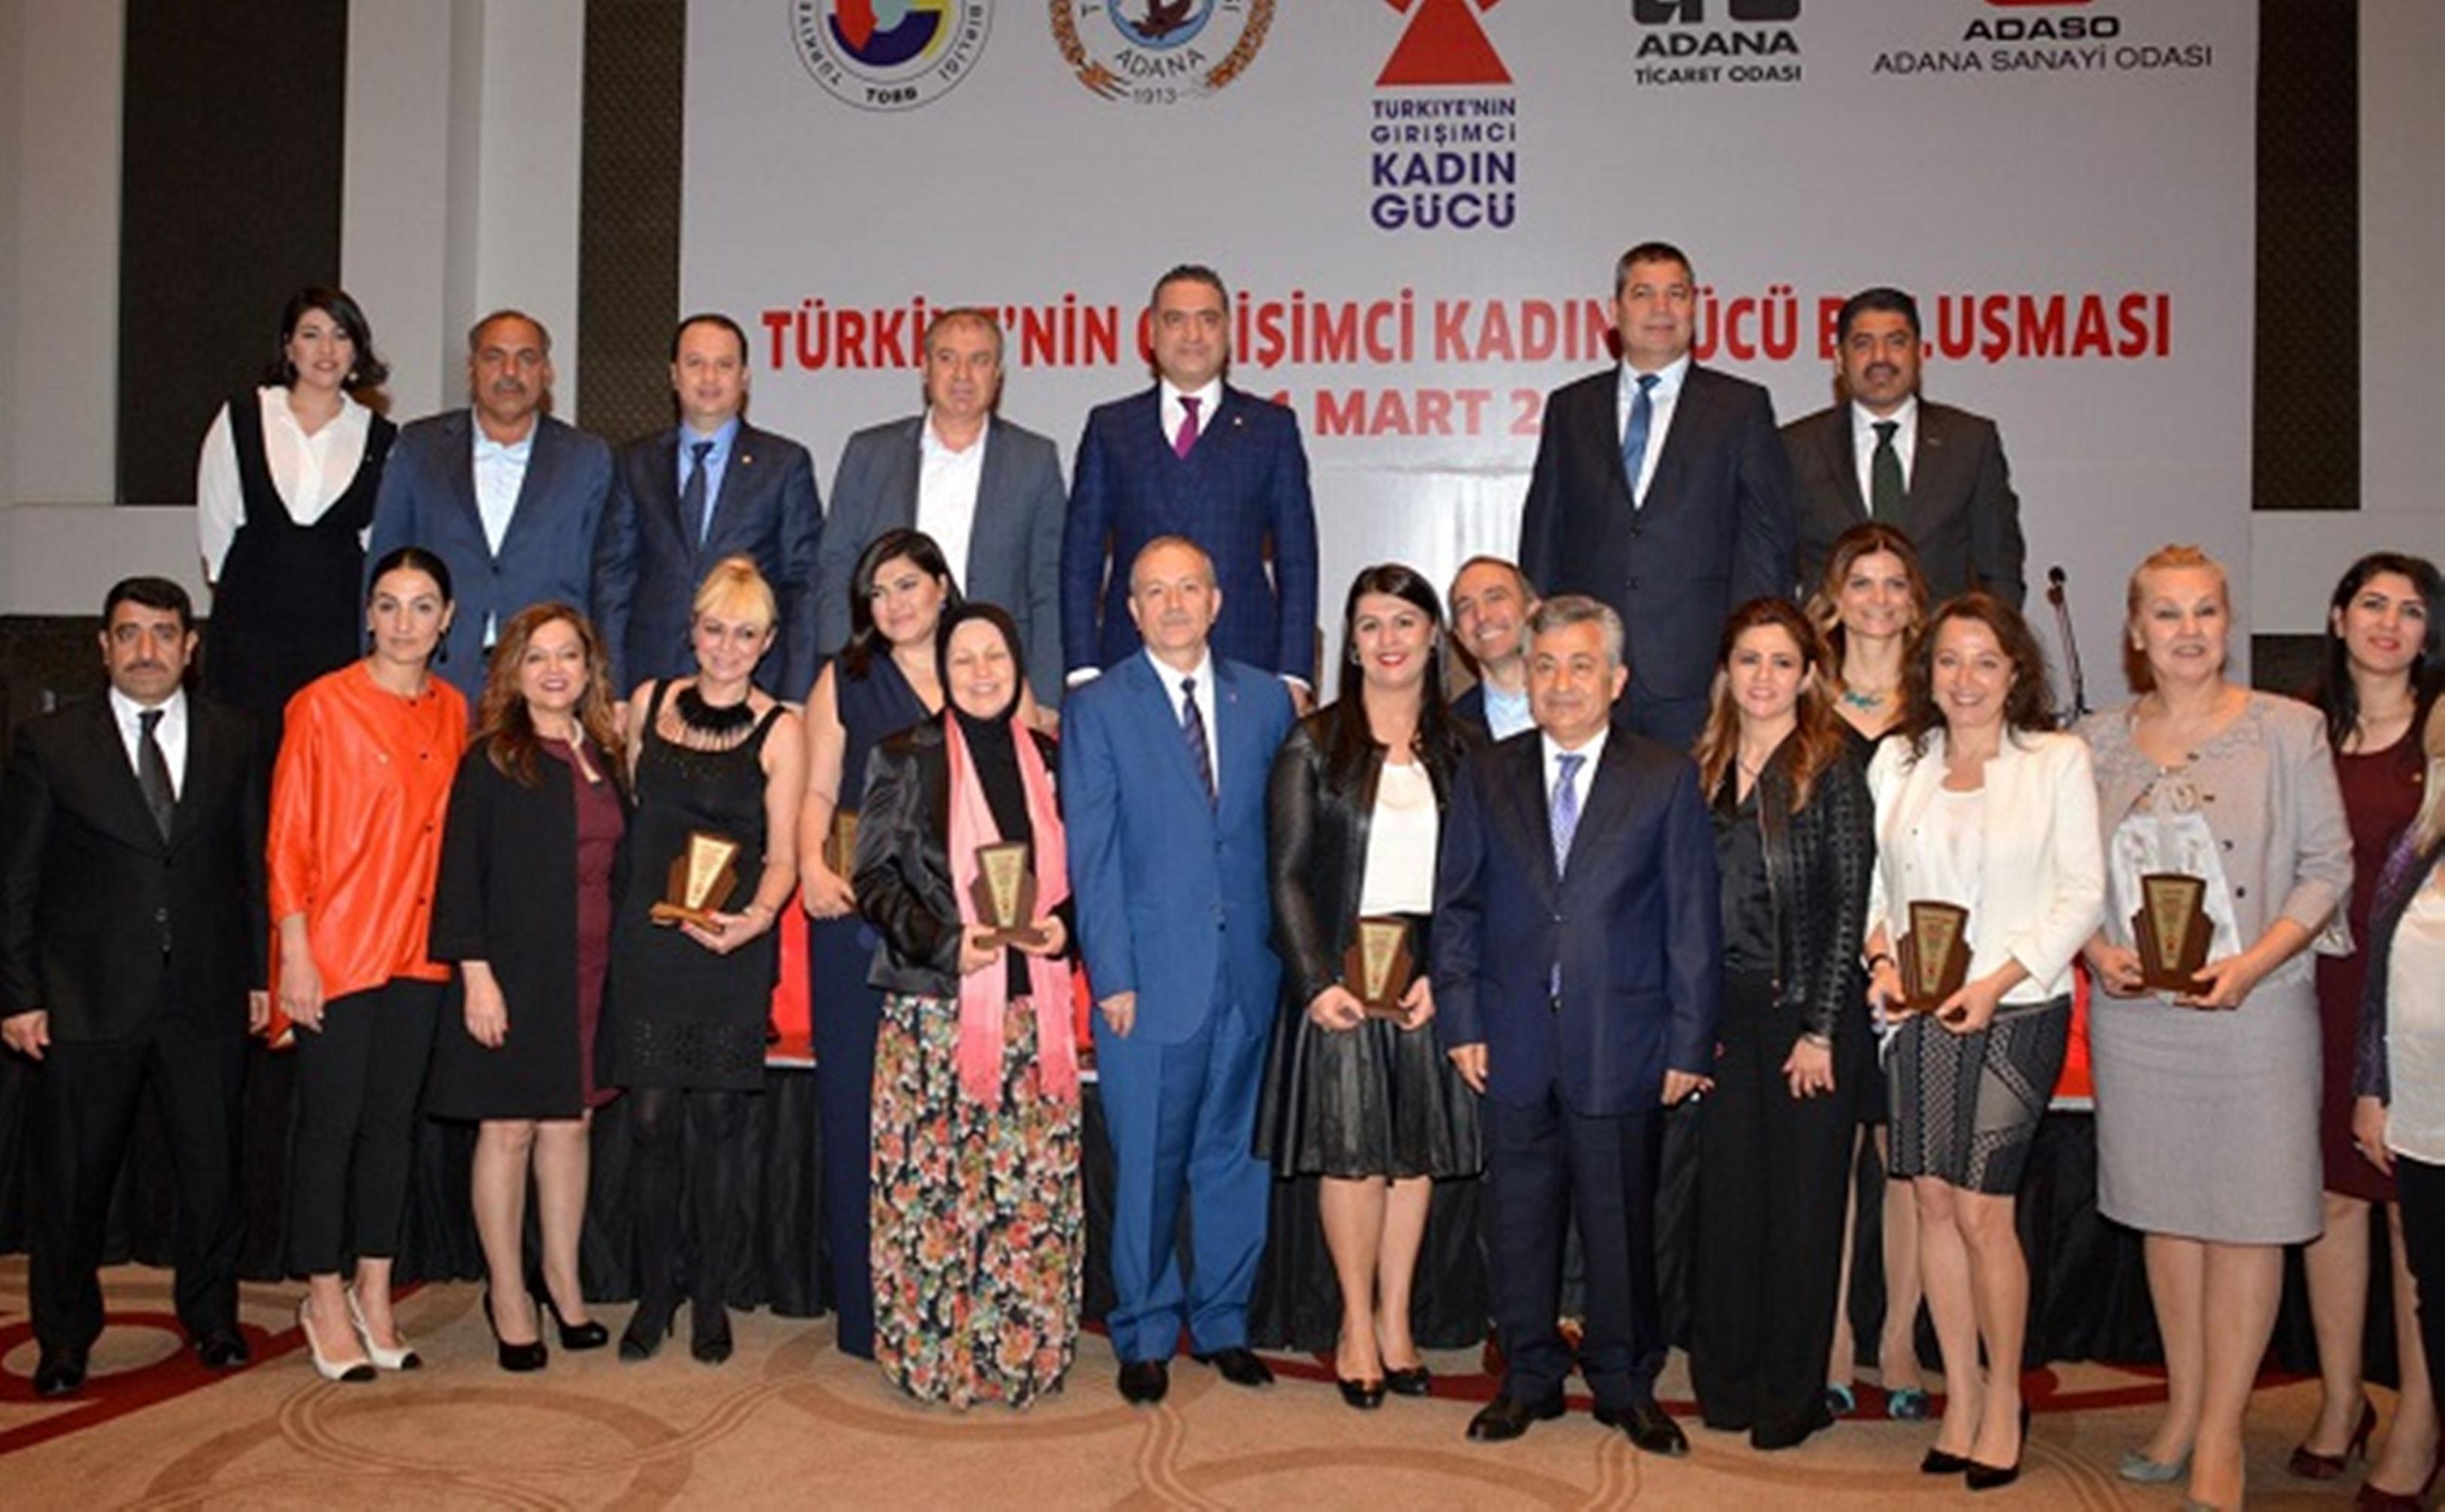 Türkiye'nin girişimci kadın gücü, Adana'da buluştu